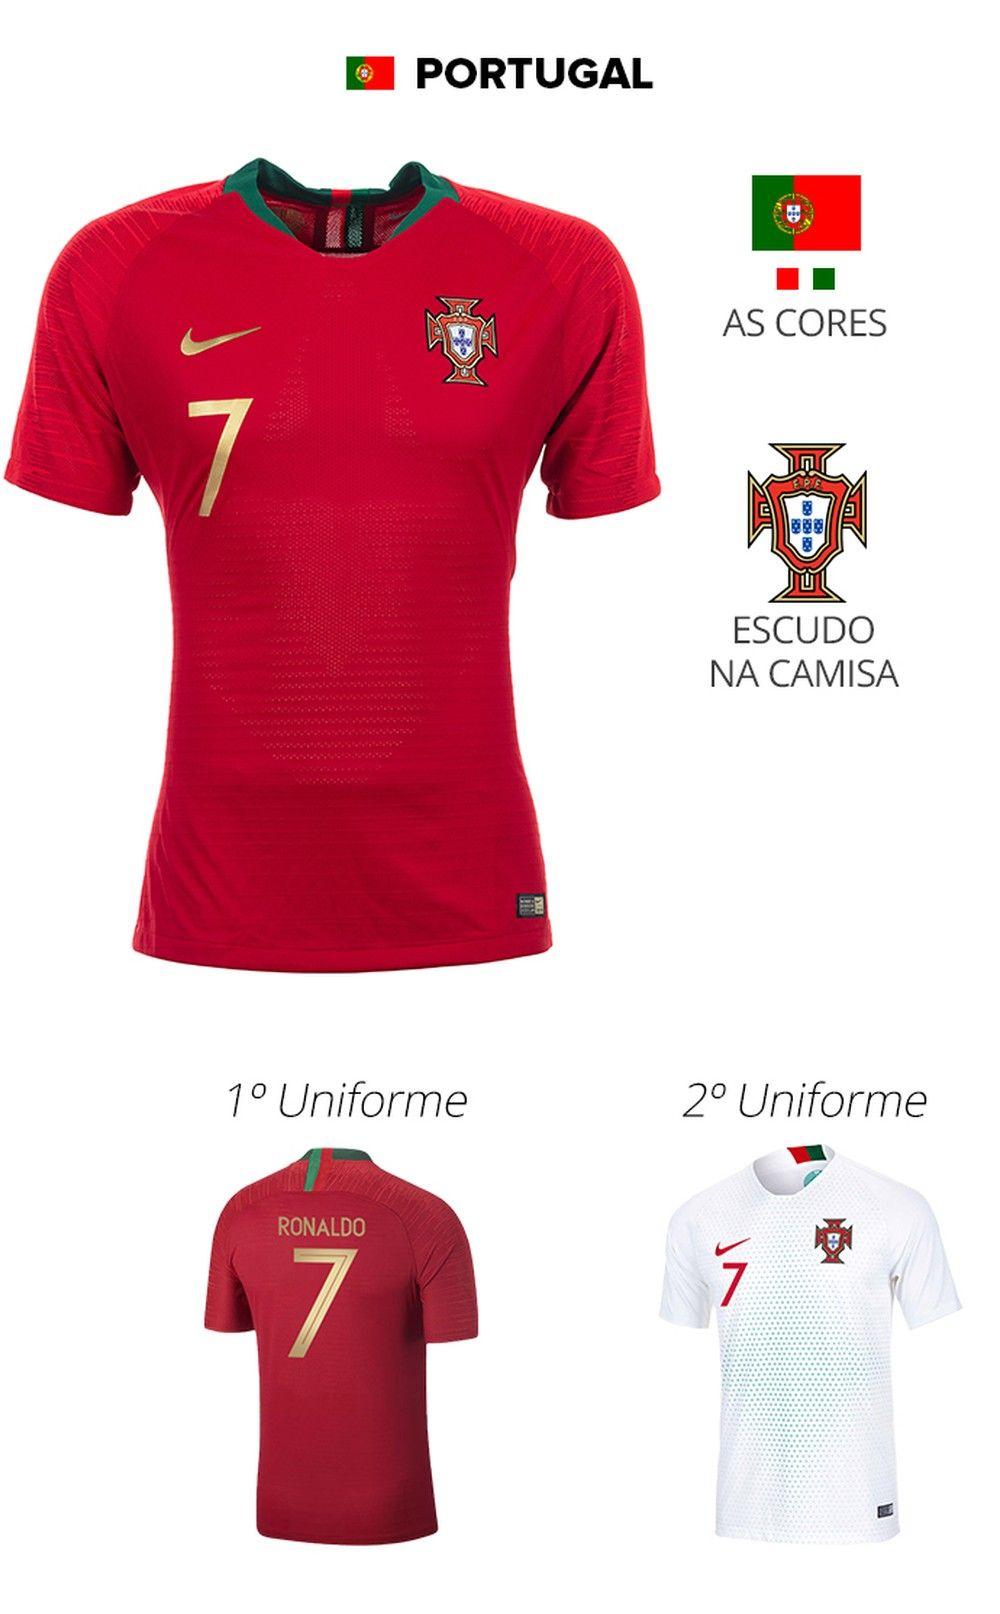 eab59cfa256b8 PORTUGAL Seleção Portuguesa, Camisas De Futebol, Jogadores De Futebol, A  Seleção, Historia